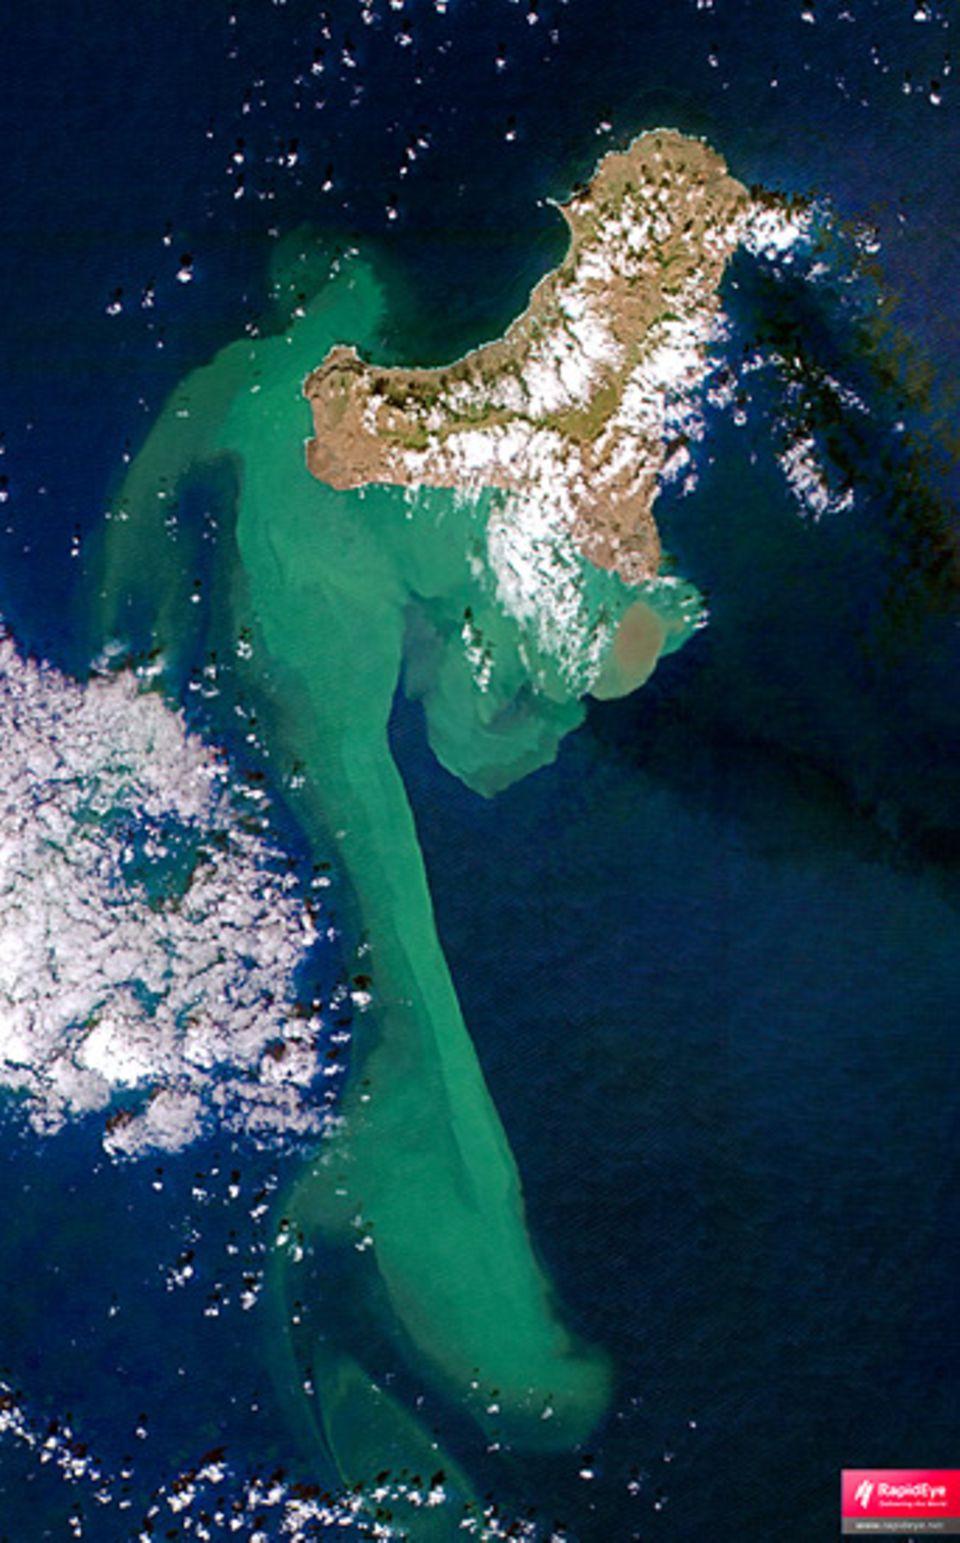 Vulkanismus: Die Satellitenaufnahme zeigt die Ausbreitung des von den Vulkanaktivitäten verfärbten Wassers südwestlich der Kanareninsel El Hierro